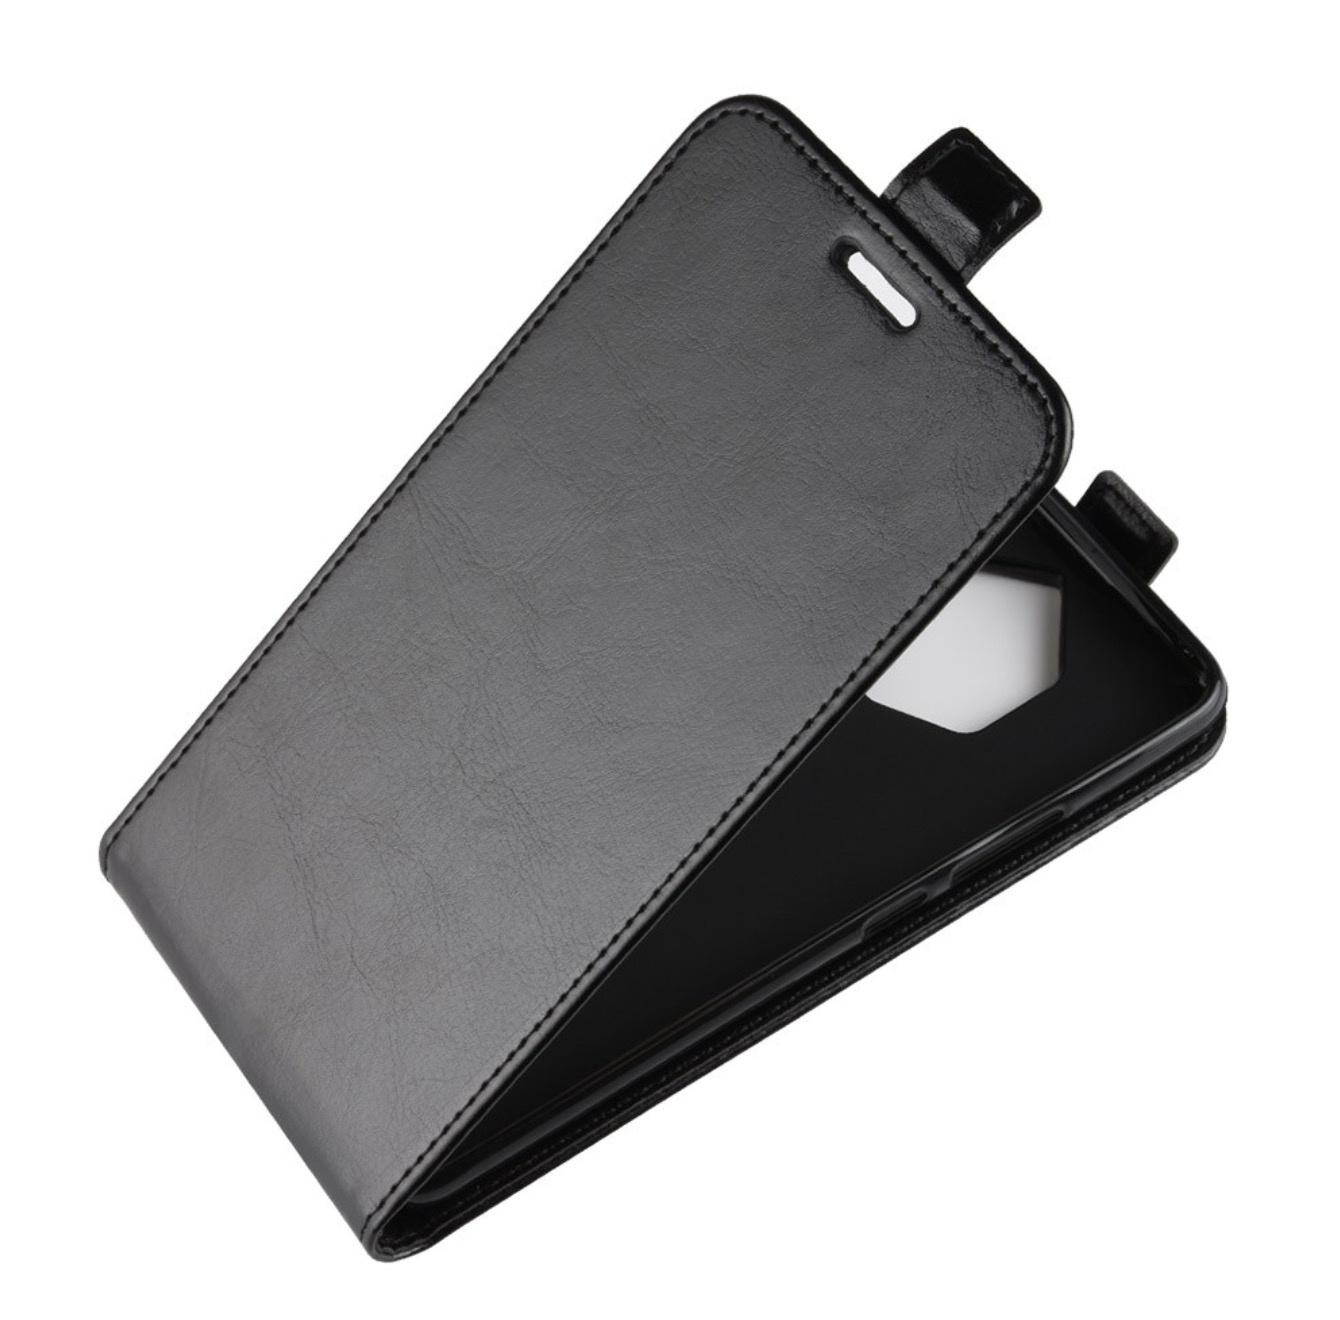 Чехол-флип MyPads для DOOGEE X10 вертикальный откидной черный